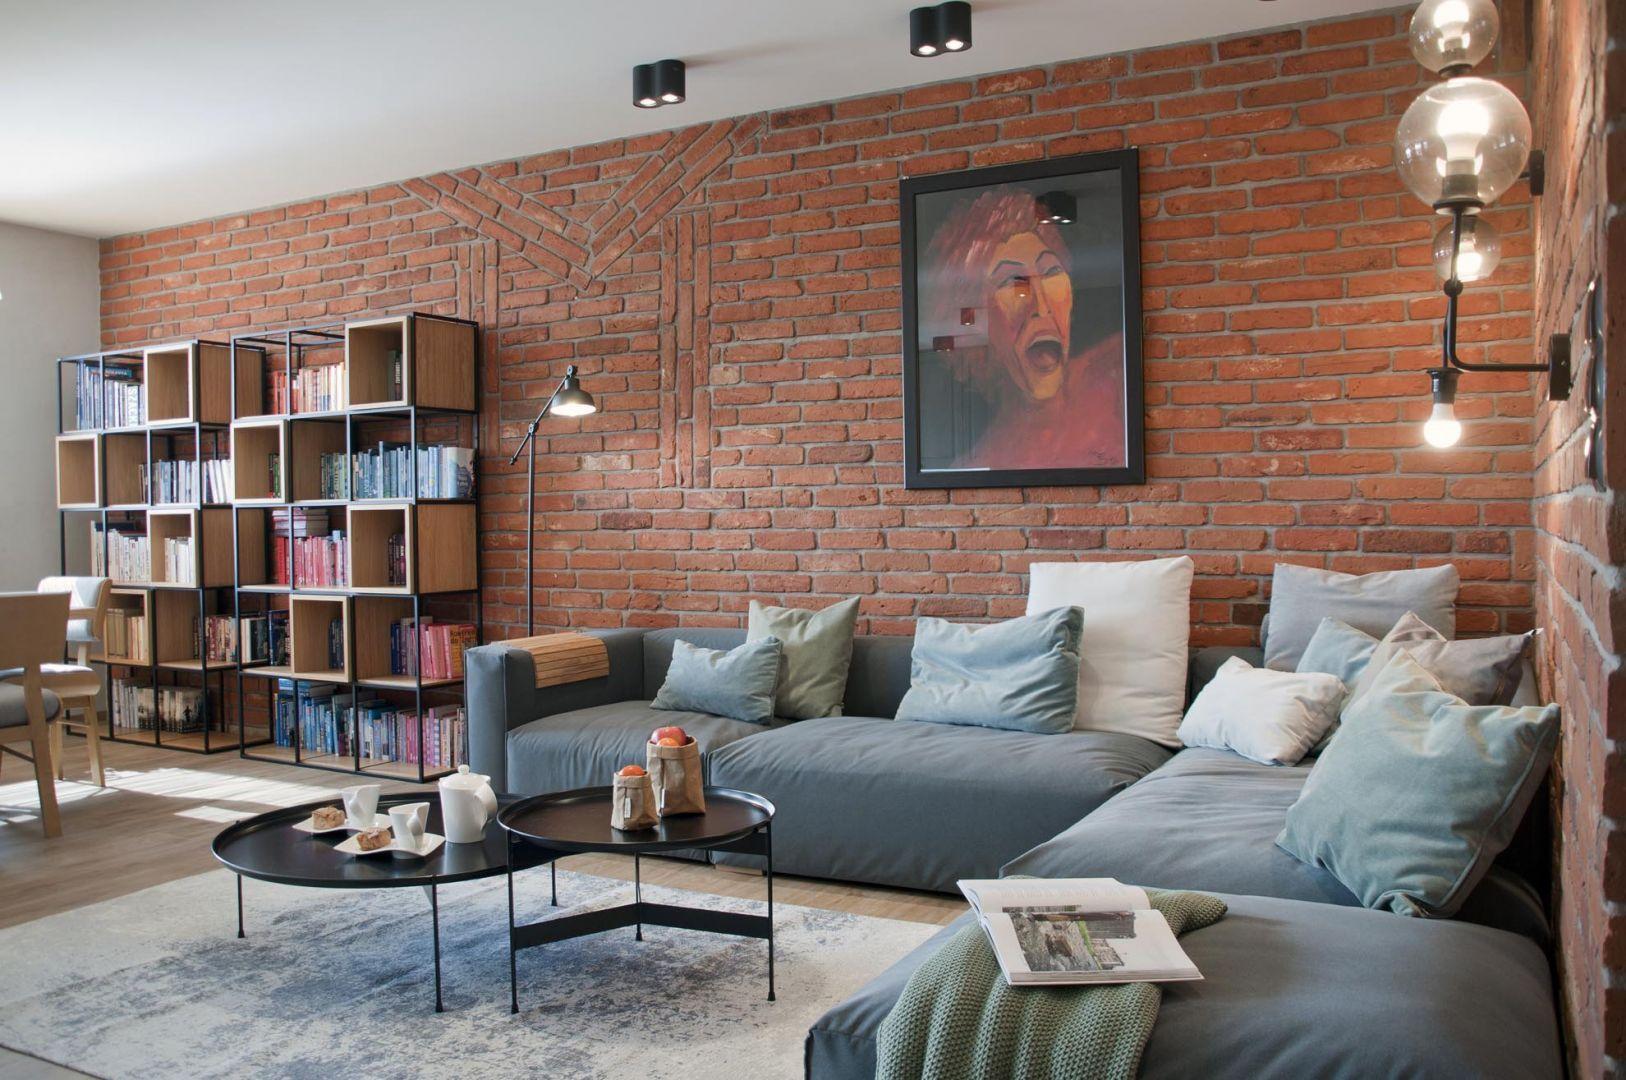 Ściana za kanapą w salonie wykończona jest czerwoną cegłą pochodząca z rozbiórki. Projekt: Ewelina Mikulska-Ignaczak, Mikulska Studio. Fot. Jakub Ignaczak, K1M1